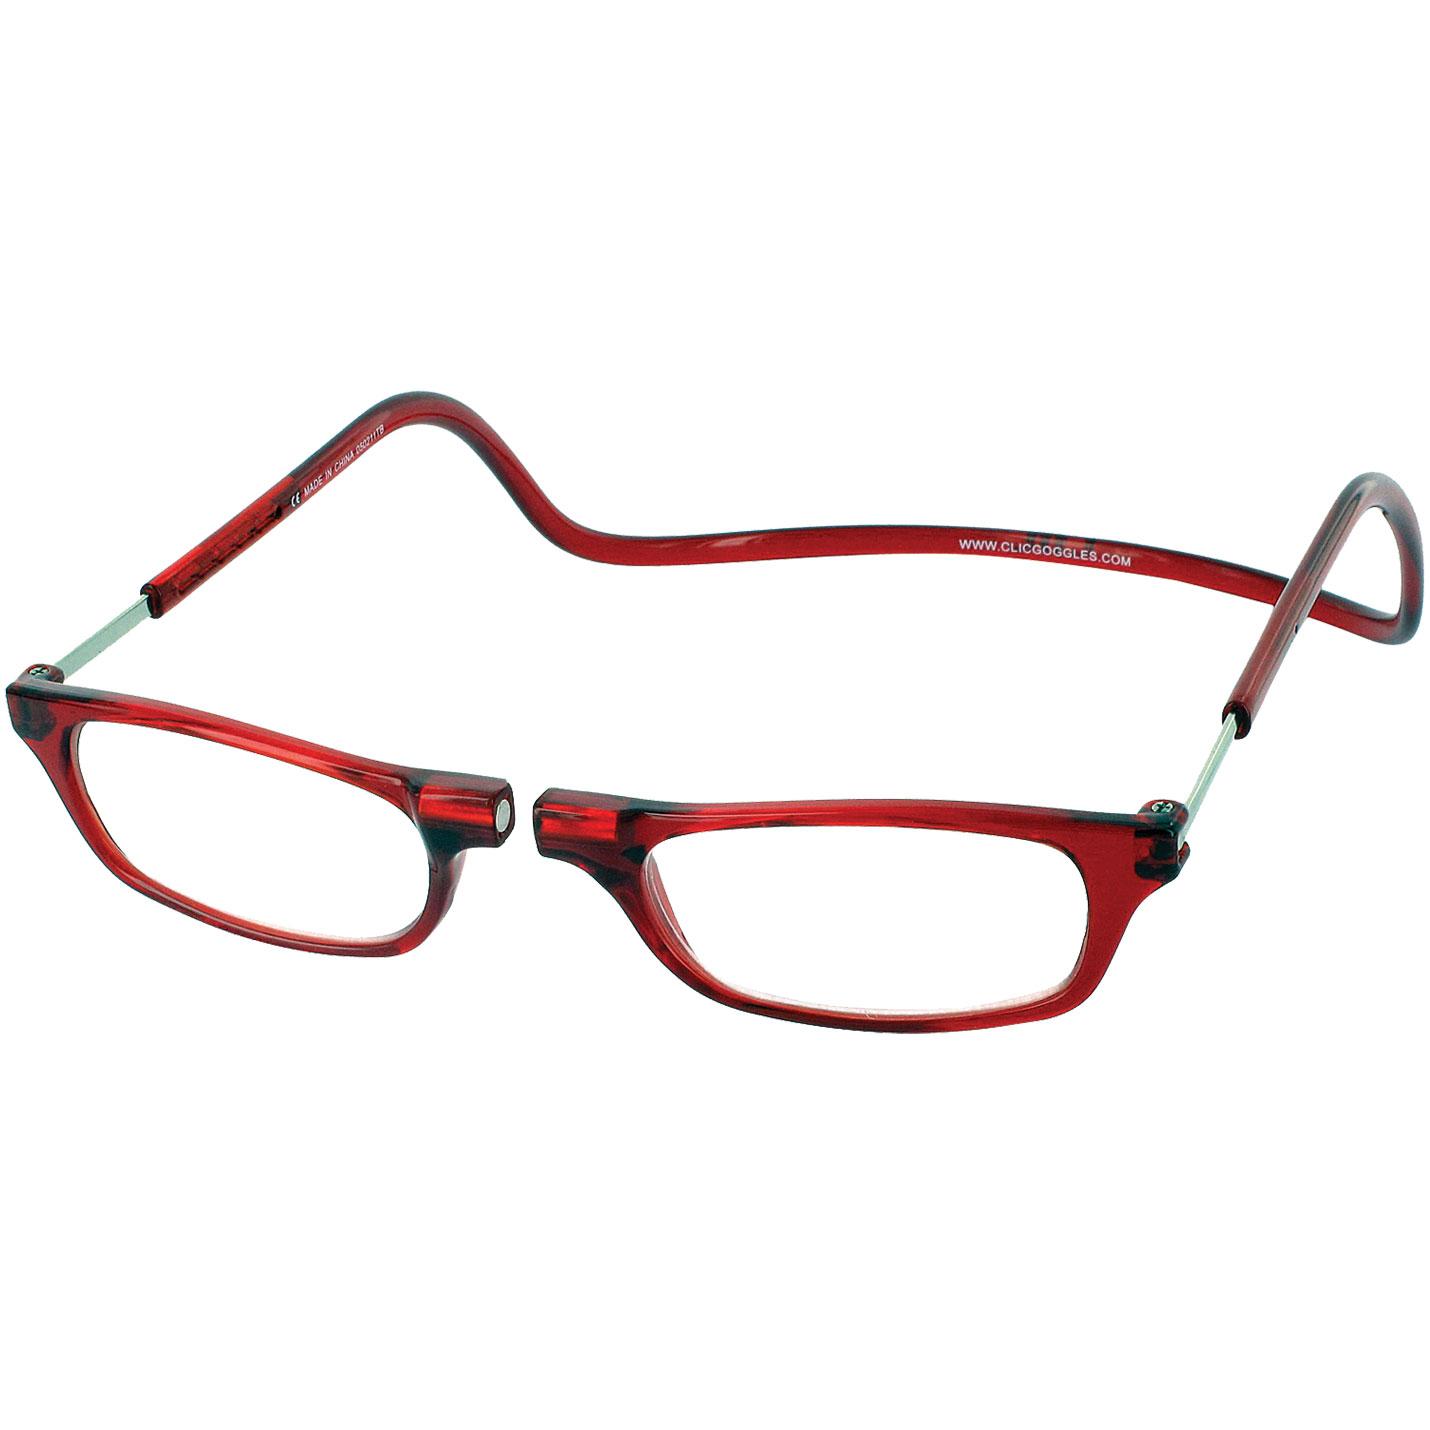 Lunettes de lecture CLiC - RED - Kleargo 8c556a4d35b4